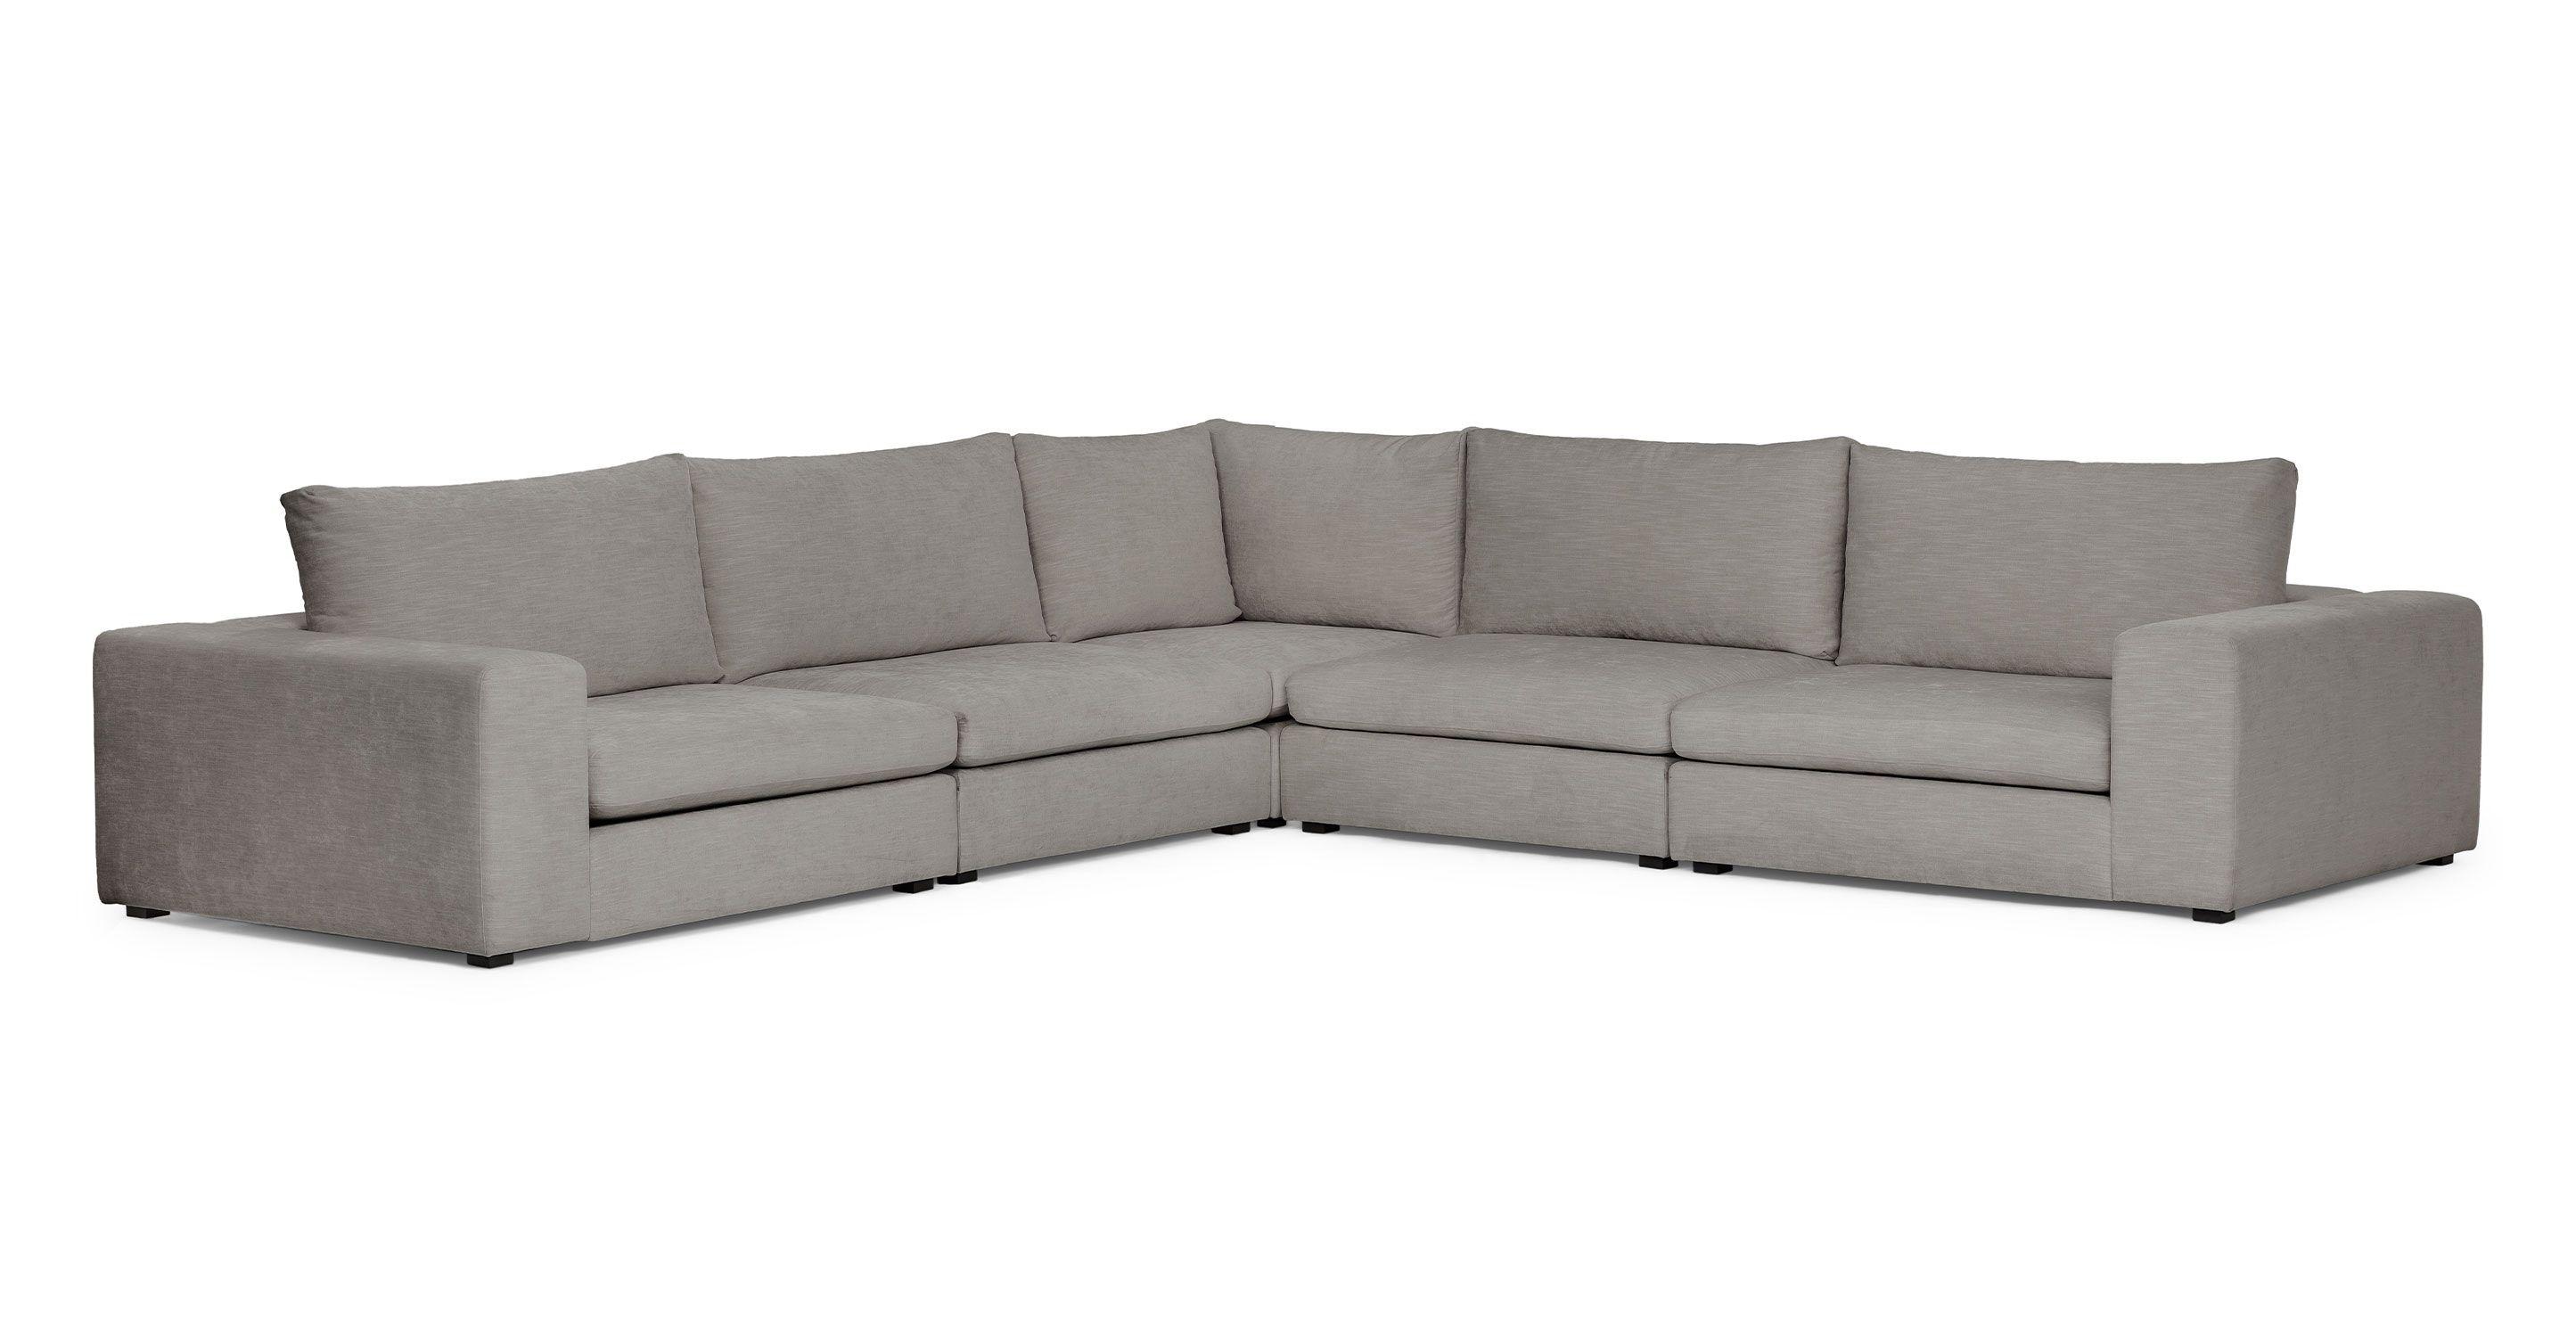 Gray Fabric Modular Corner Sofa | Article Gaba Contemporary ...